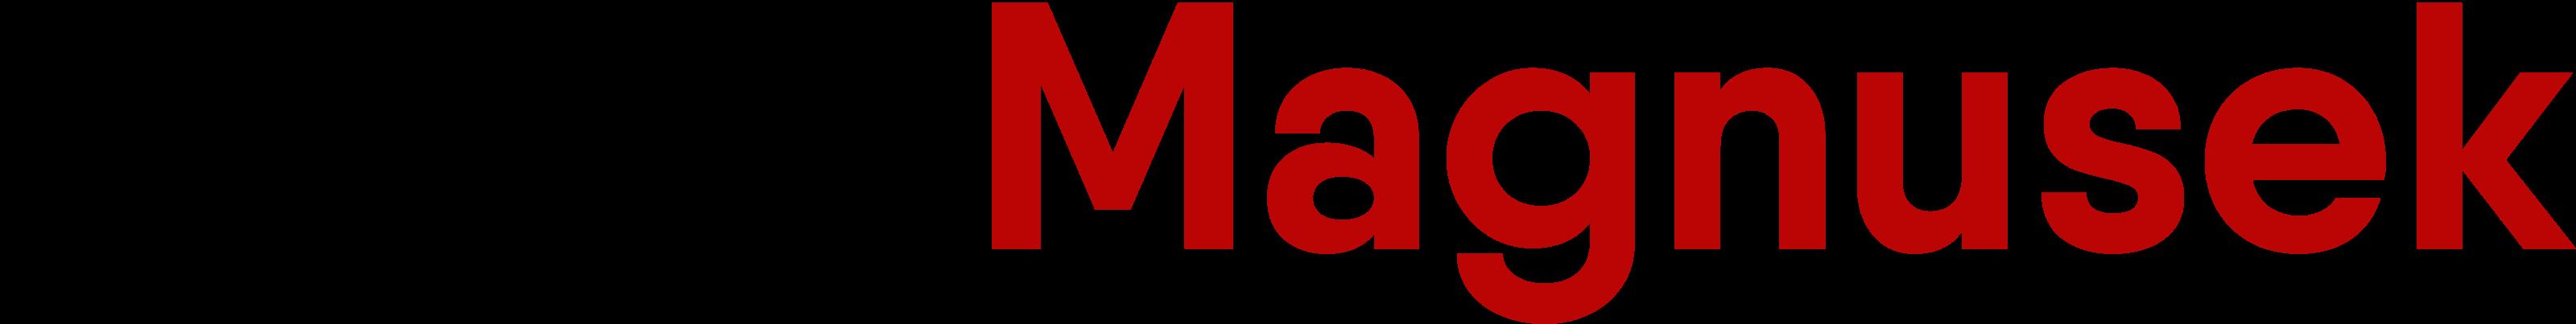 Tomáš Magnusek